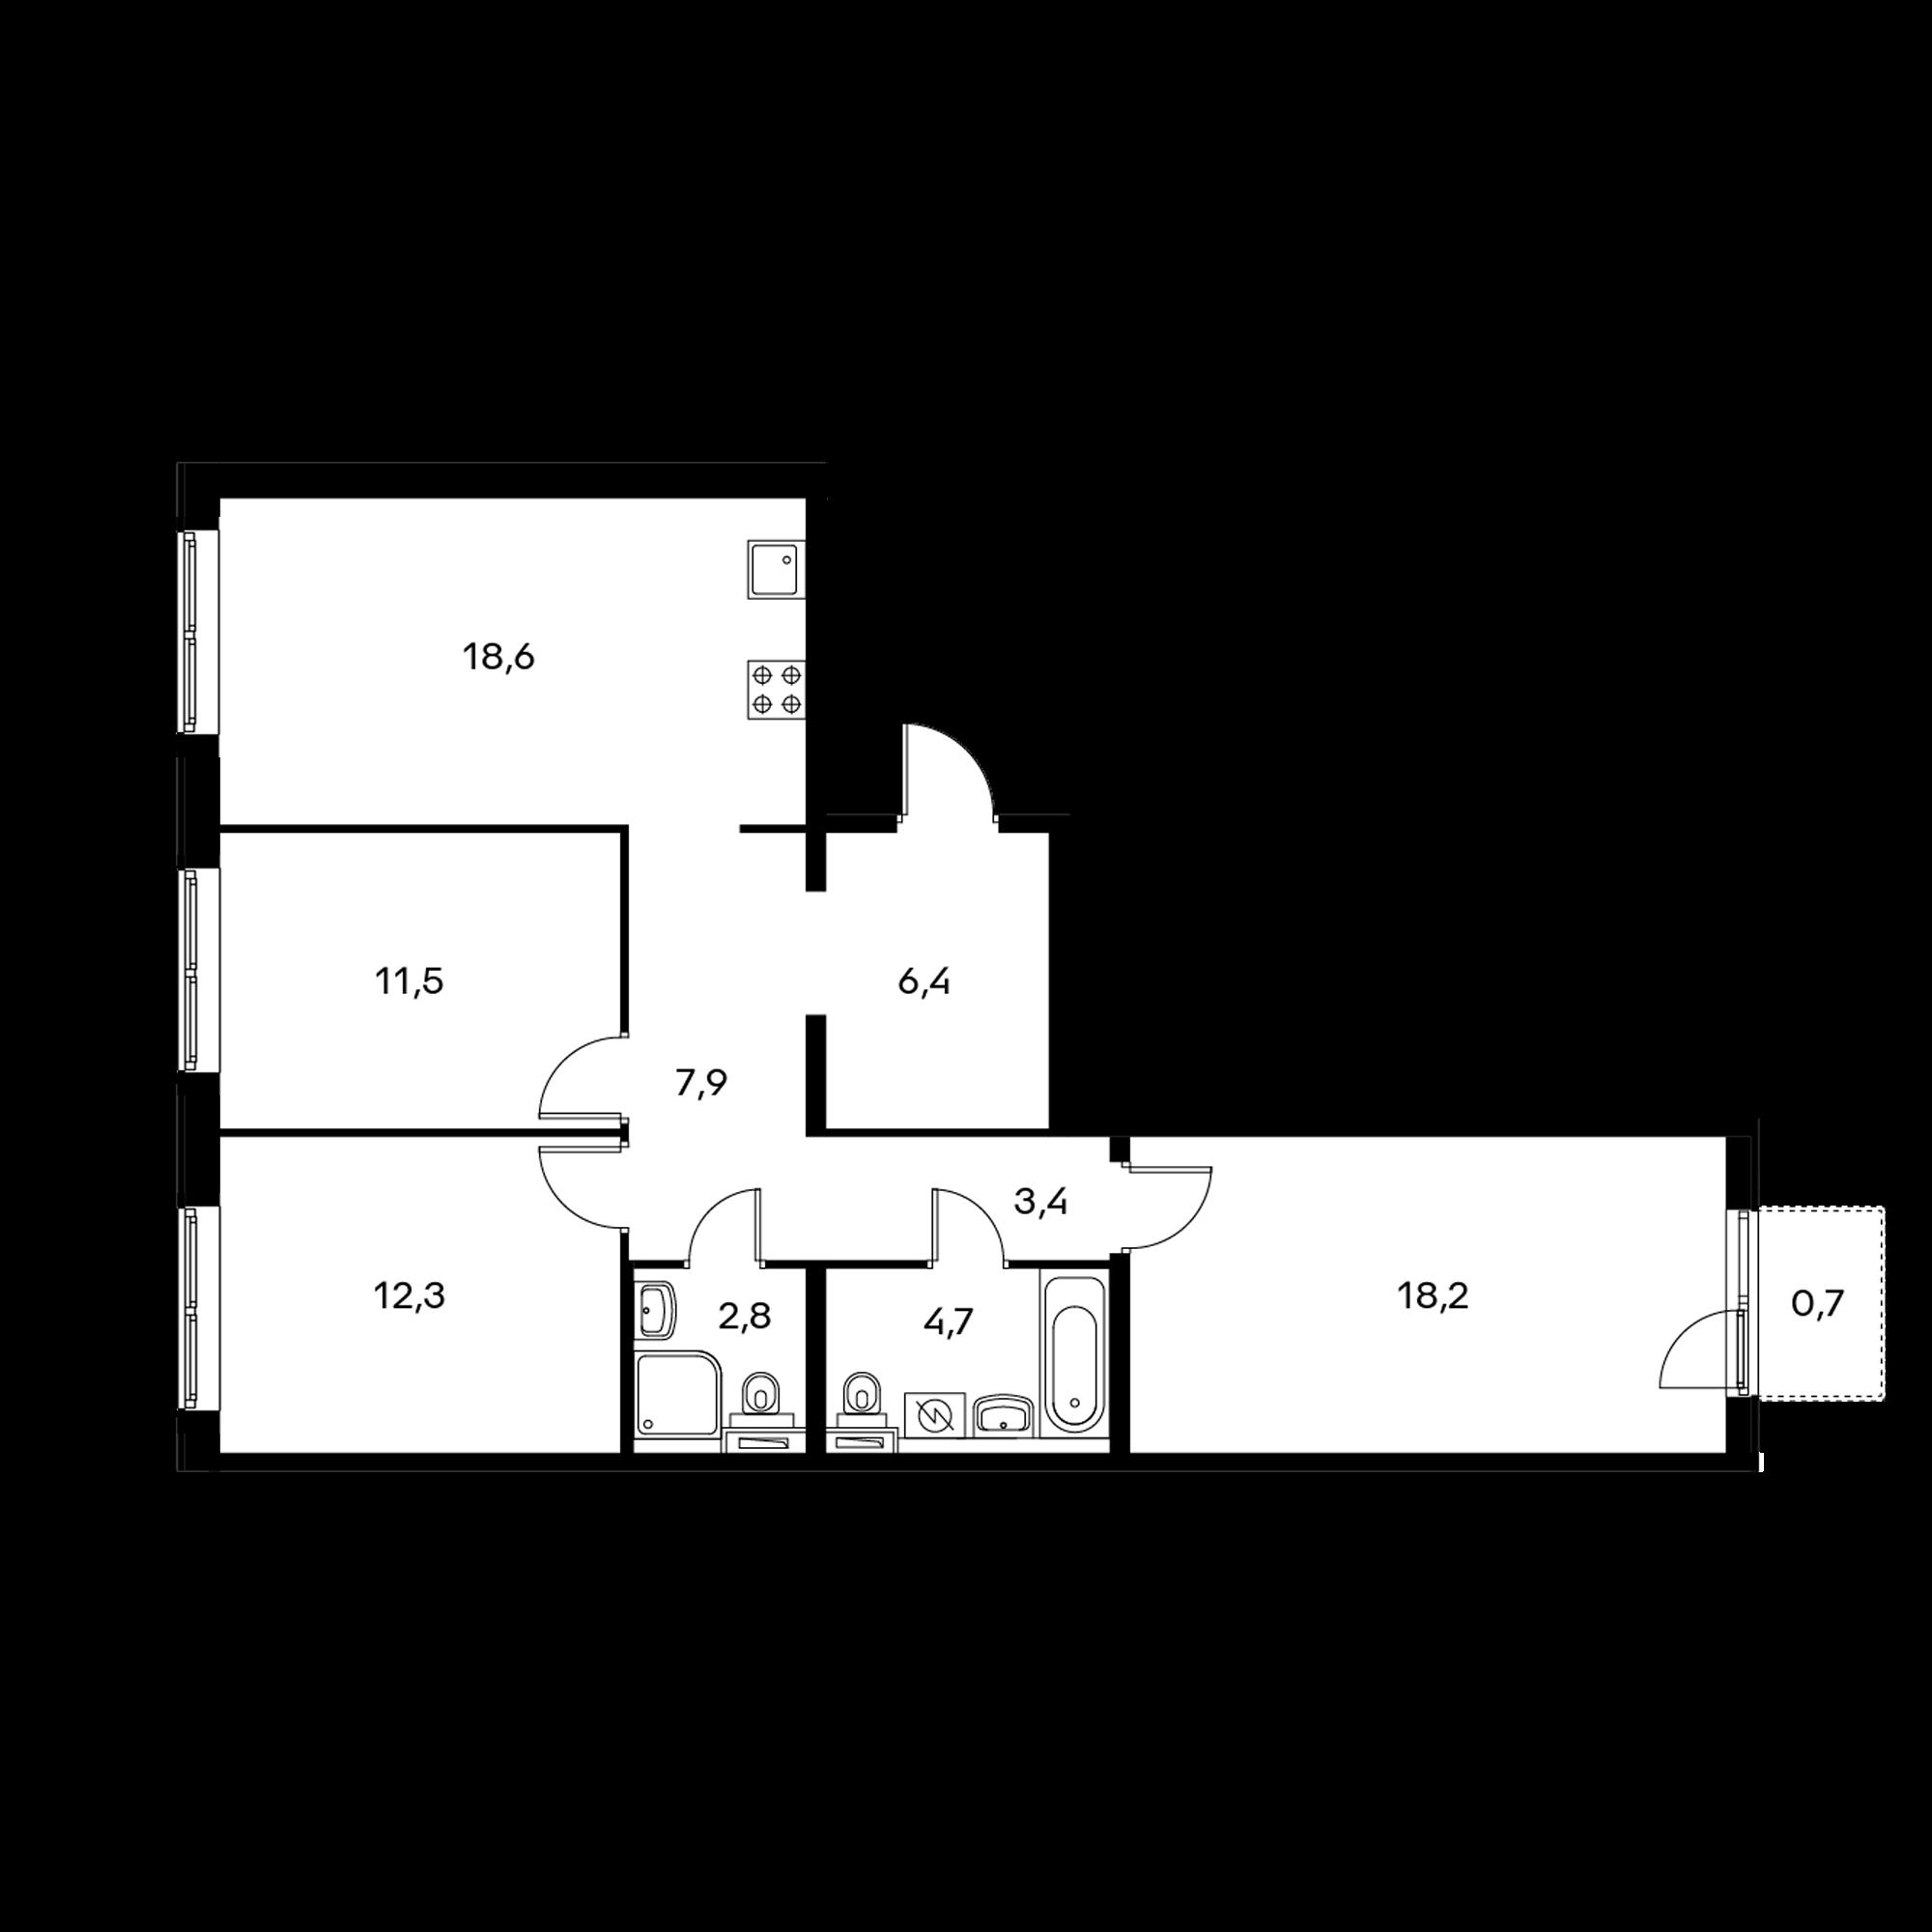 3EL3_9.6-1SZB4